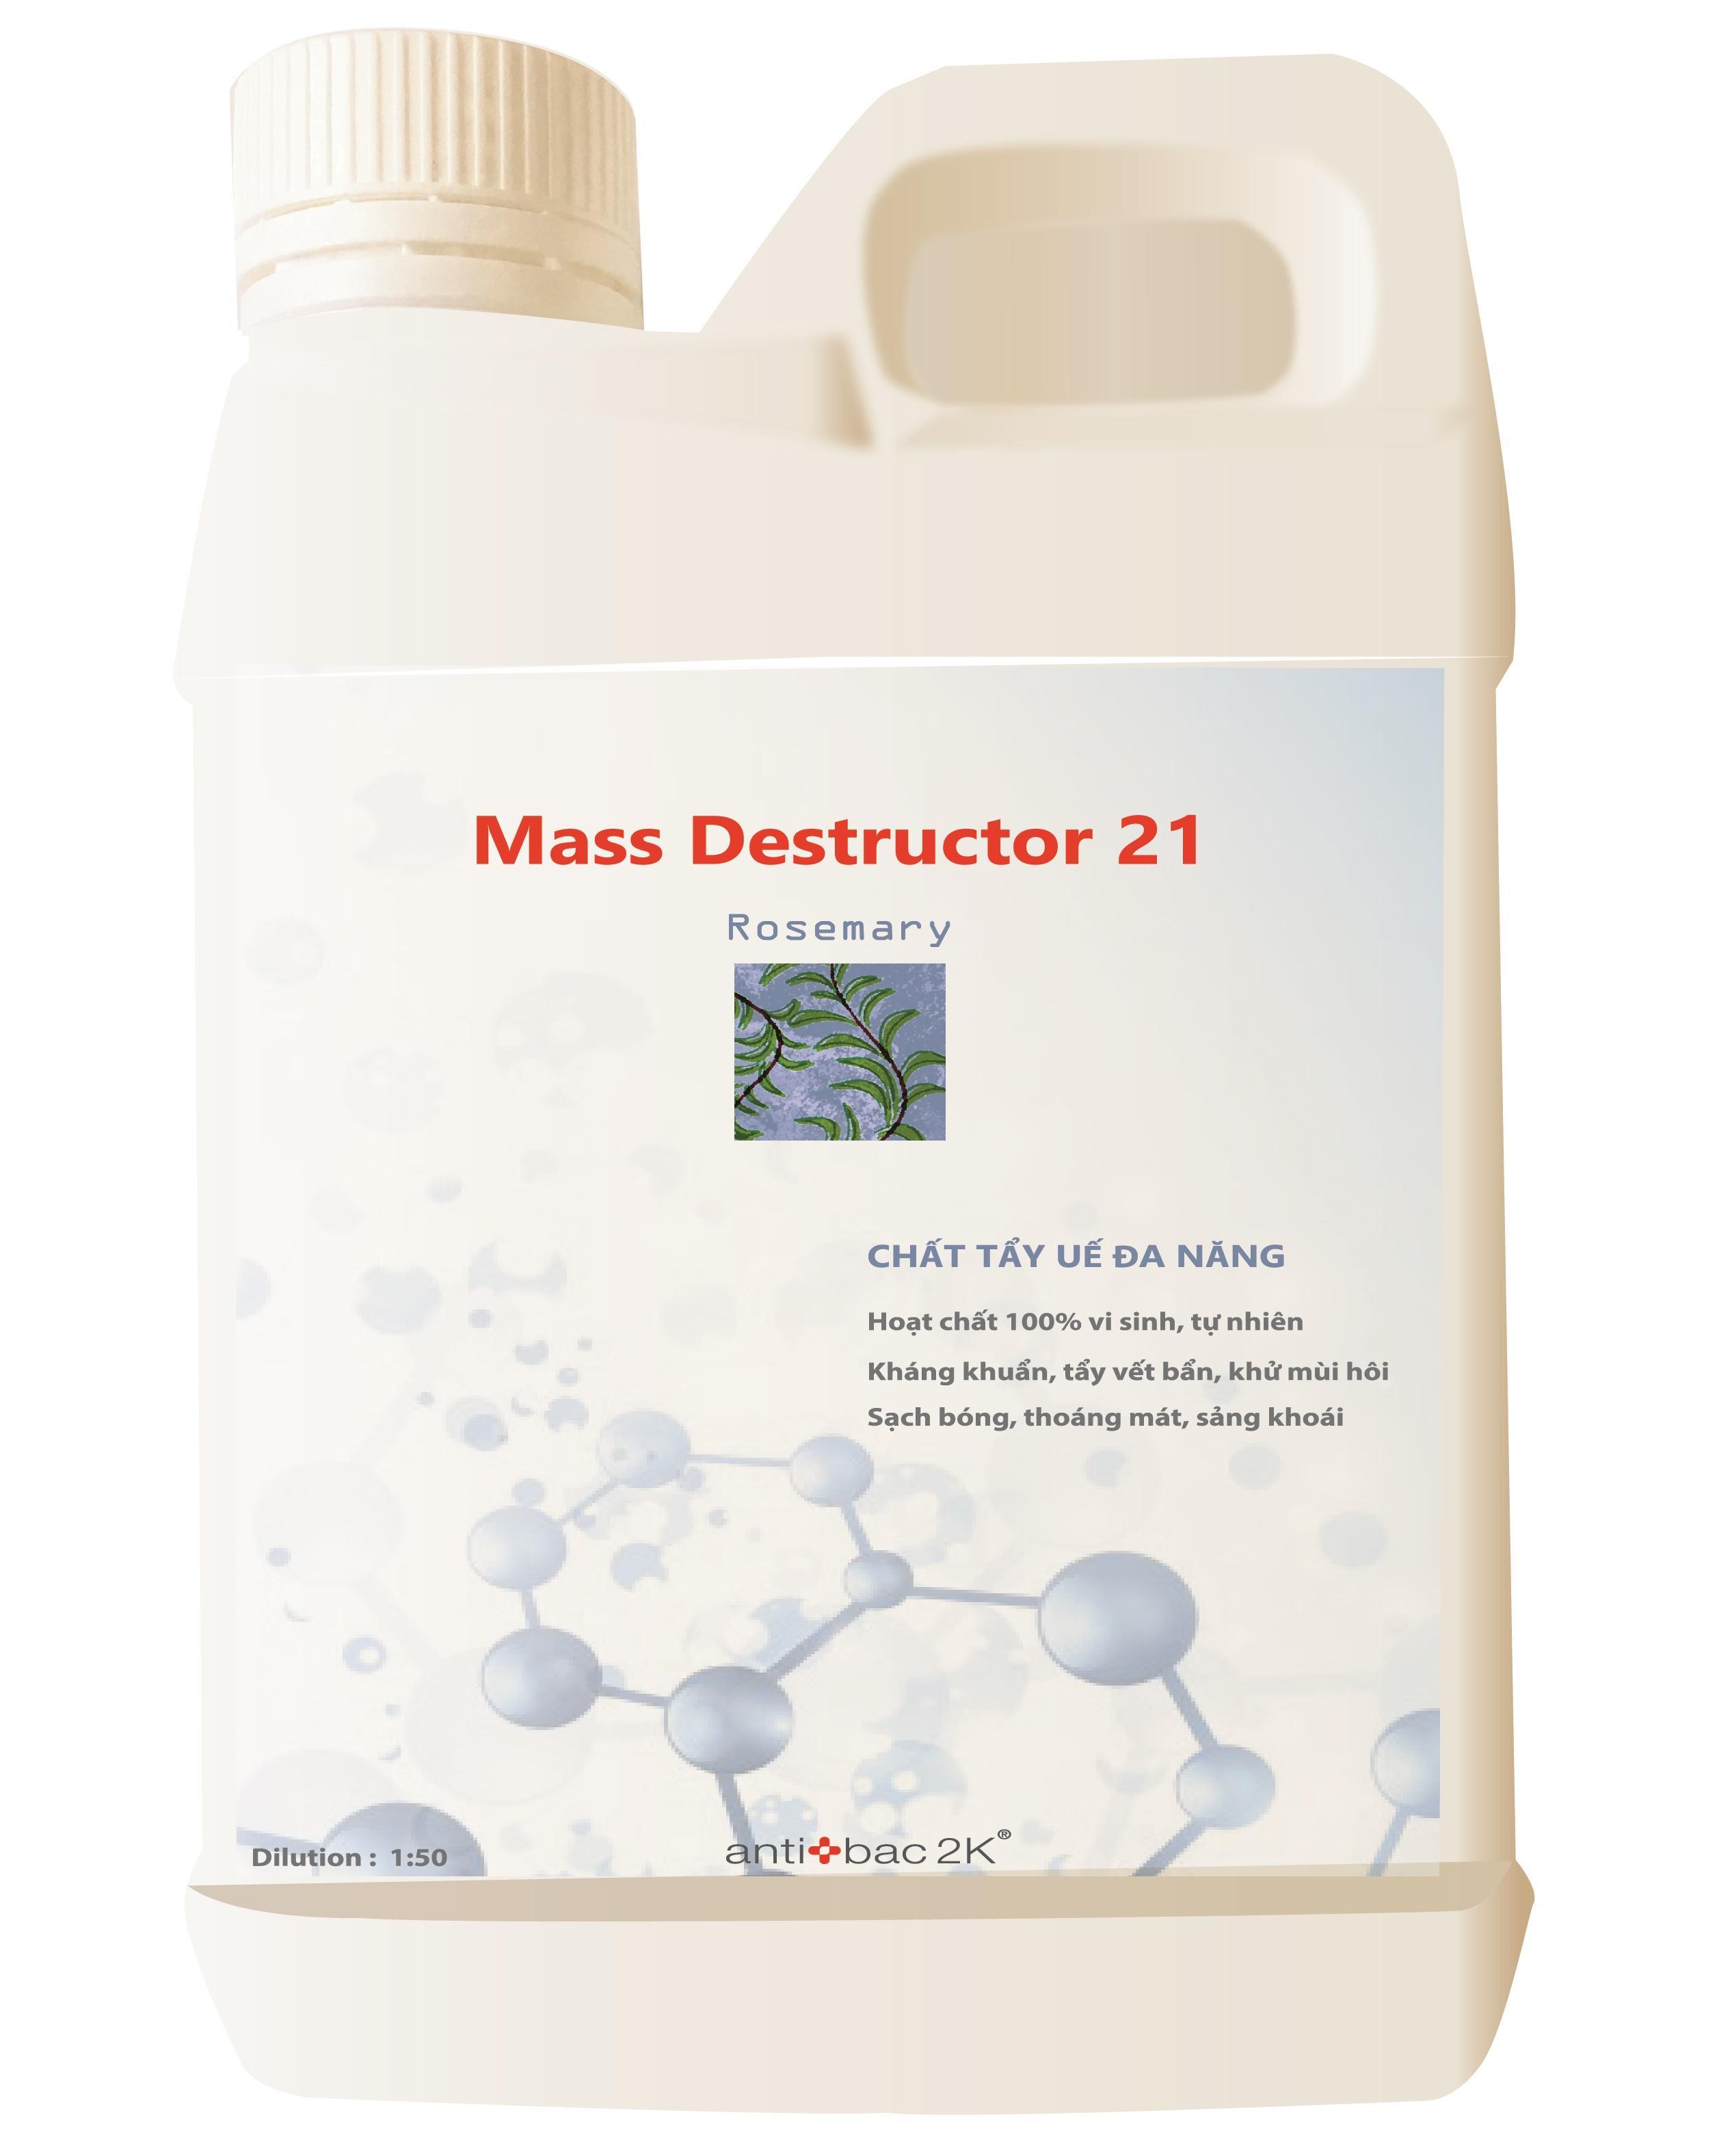 Hoạt Chất Lau Sàn đa Năng, Kháng Khuẩn Mass Destructor 21_rosemary By Airnergy.